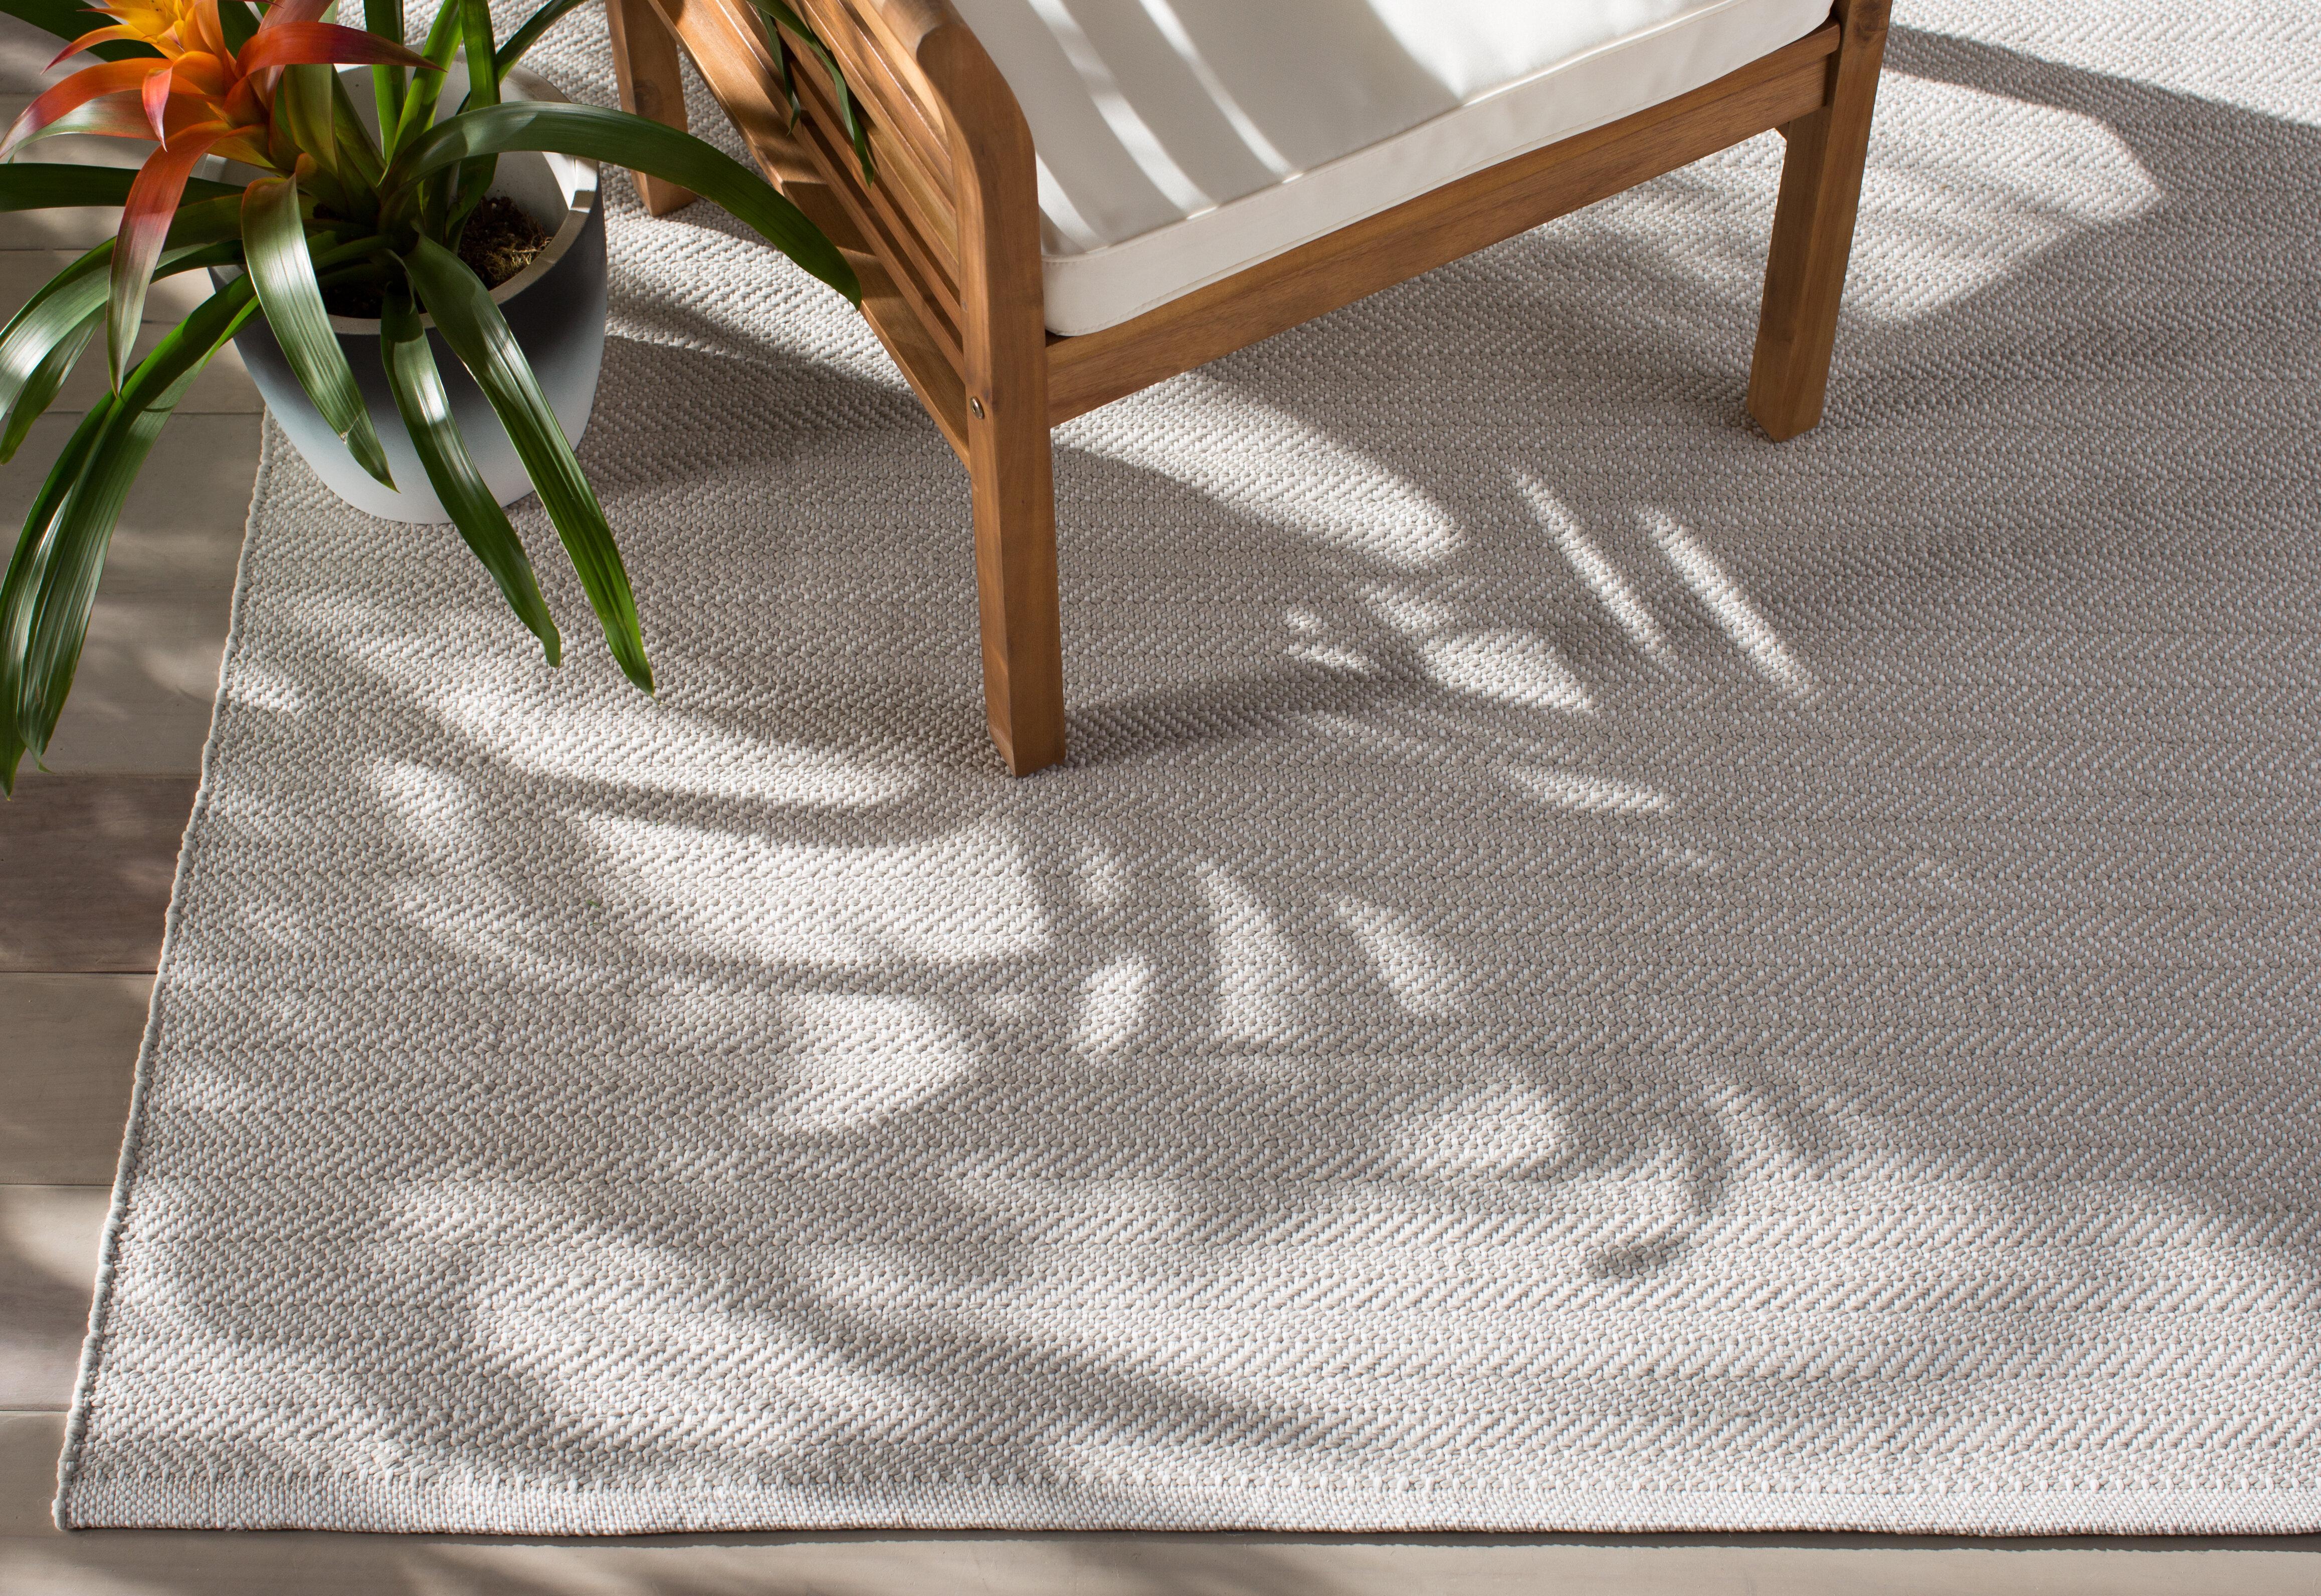 Dash And Albert Rugs C3 Herringbone Gray Indoor Outdoor Area Rug Reviews Wayfair